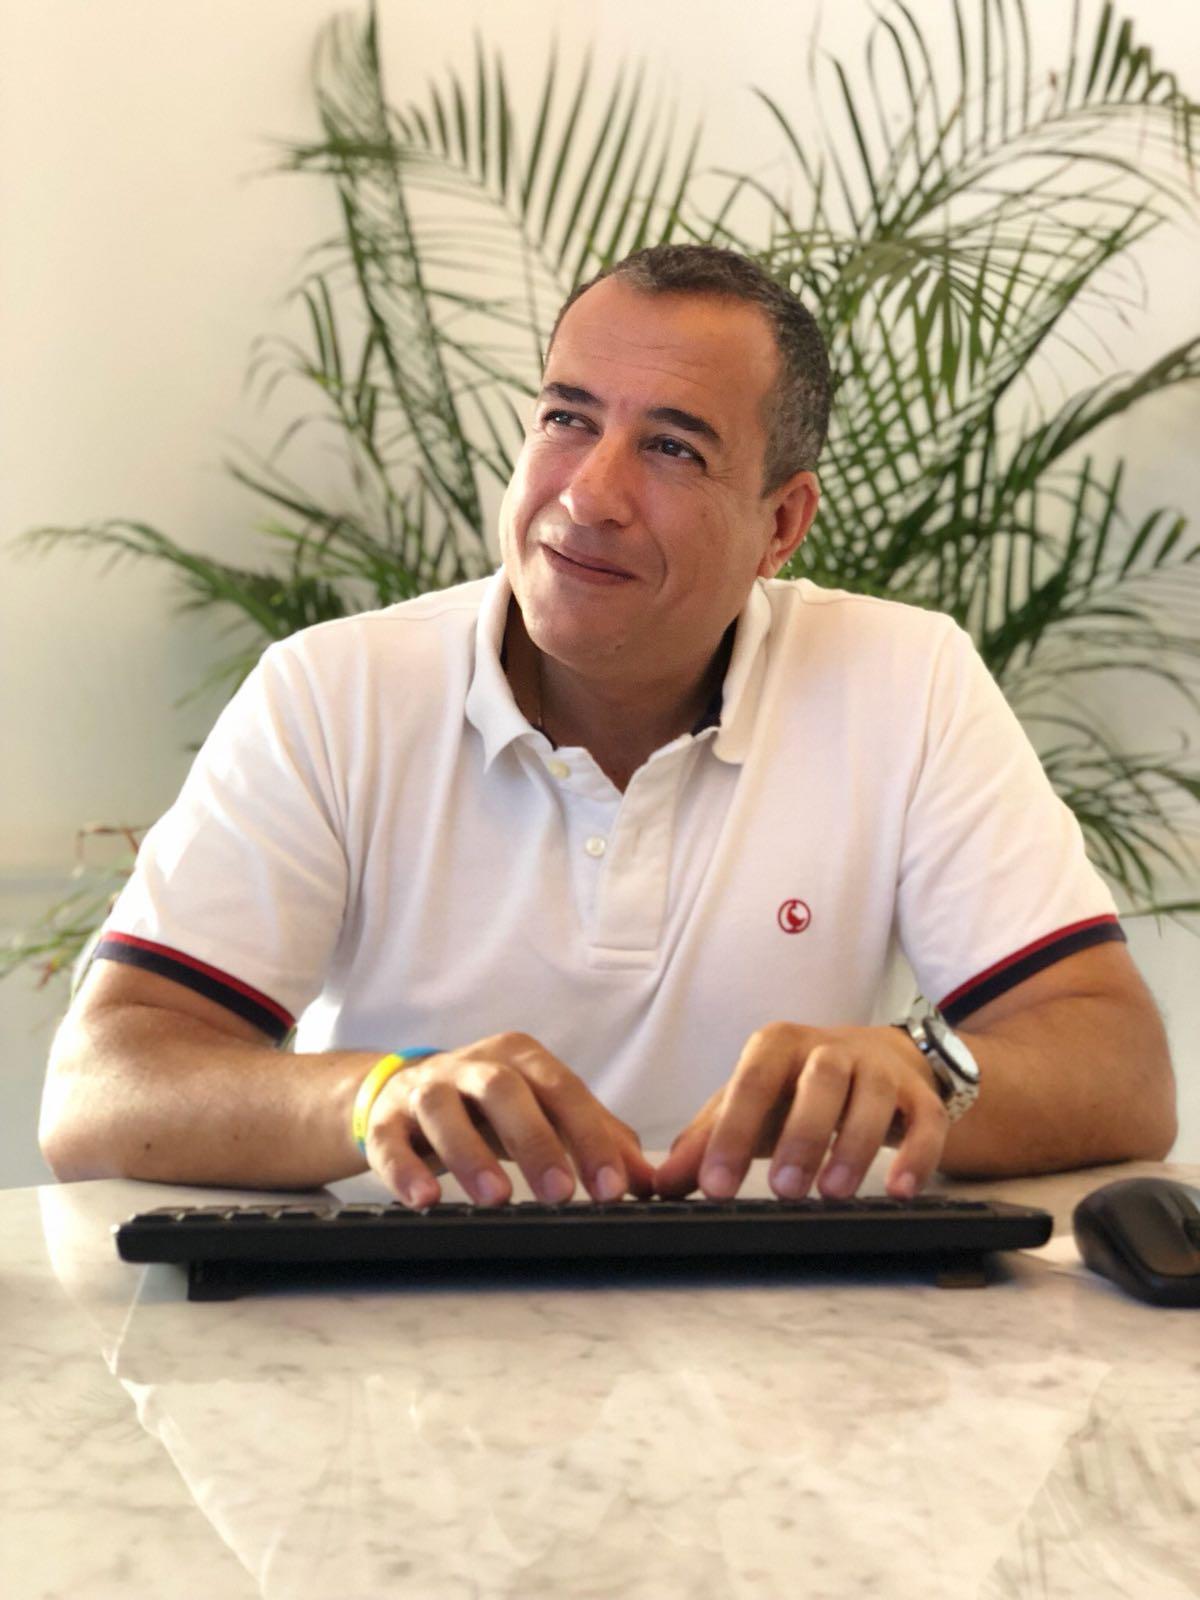 una-empresa-recien-nacida-la-nuestra-corazon-latido-la-innovacion-entrevista-juan-jose-lopez-director-general-runakay-plus